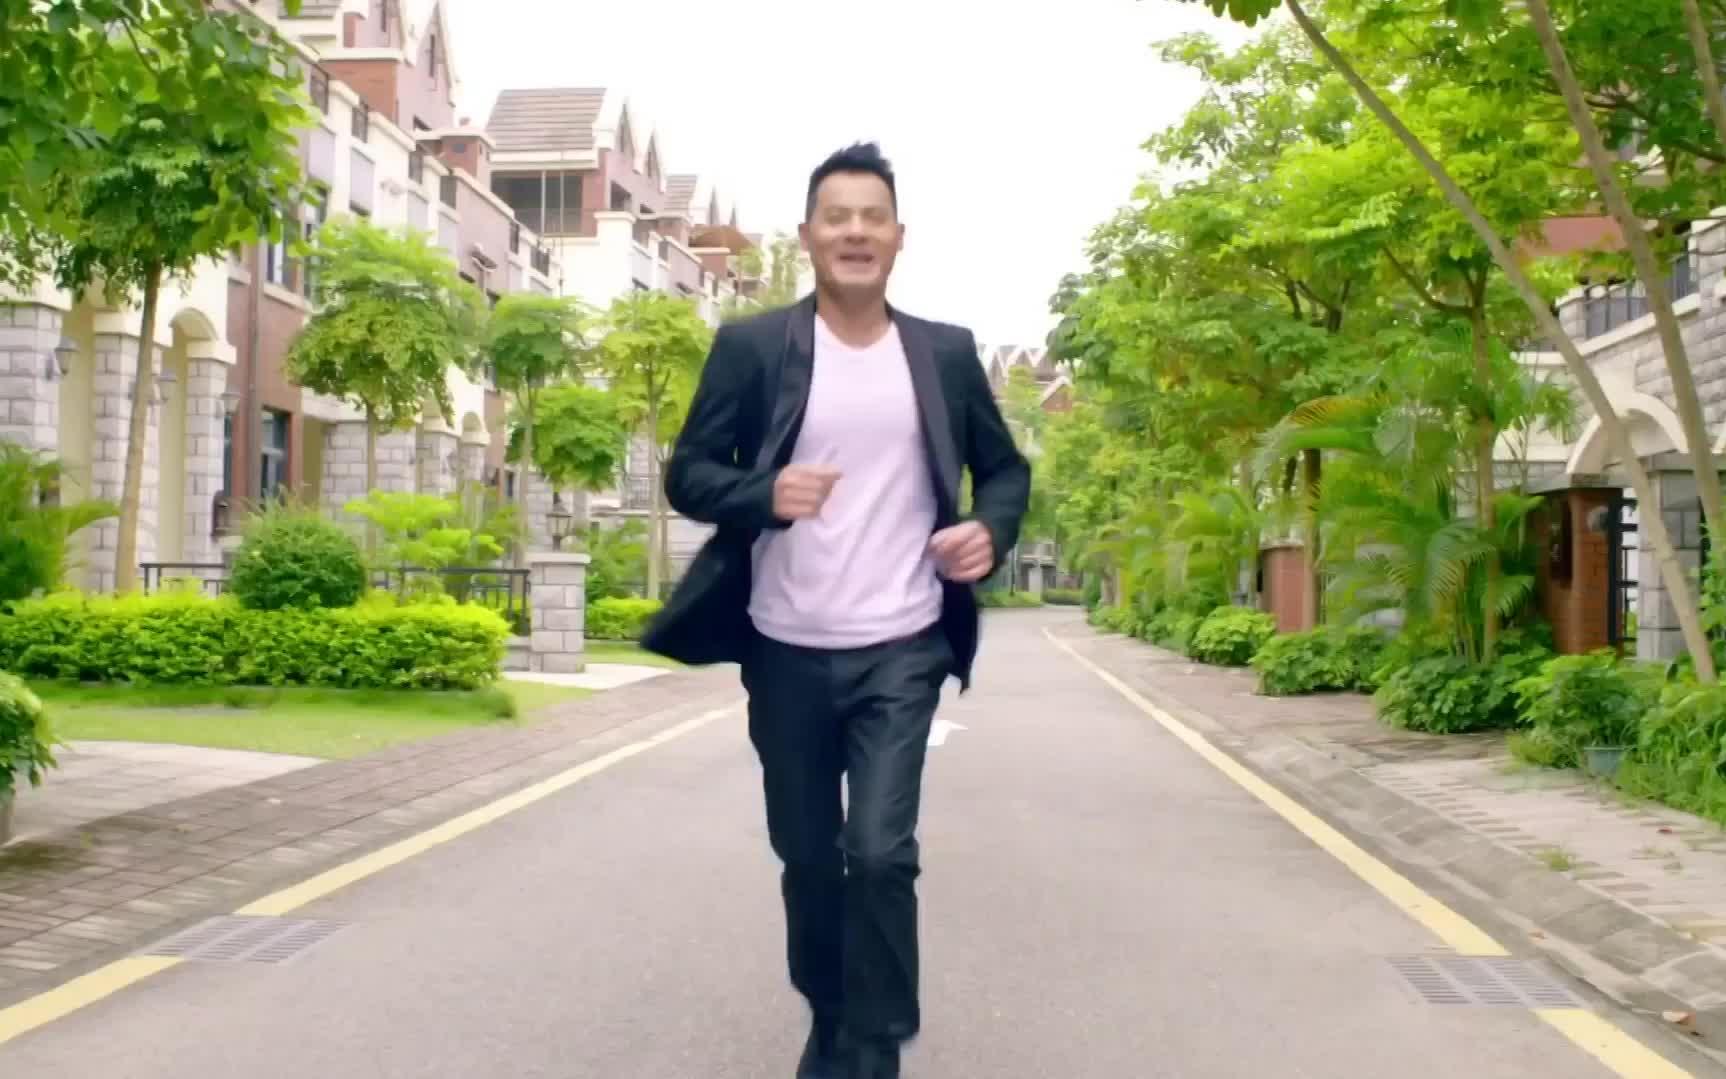 央视广告欣赏-大众银行(香港)